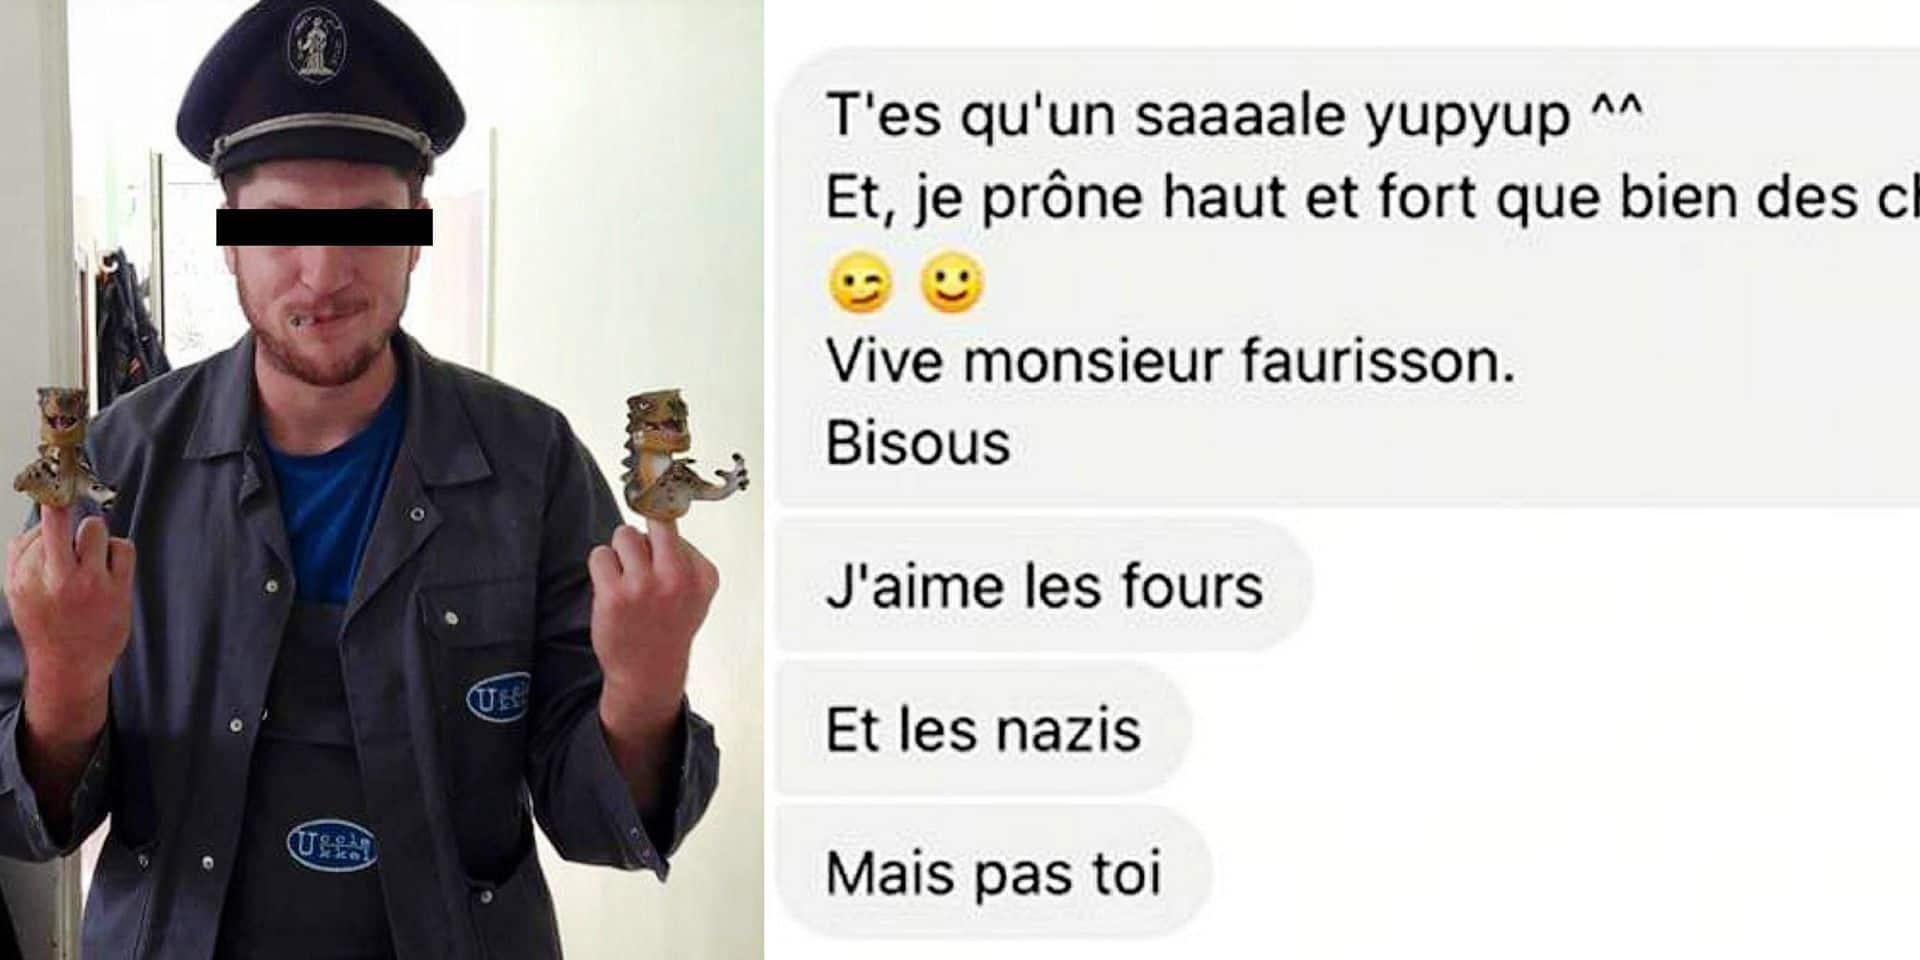 """""""J'aime les fours et les nazis mais pas toi"""": le président de la Ligue belge contre l'antisémitisme insulté après le cortège d'Alost, une enquête ouverte"""